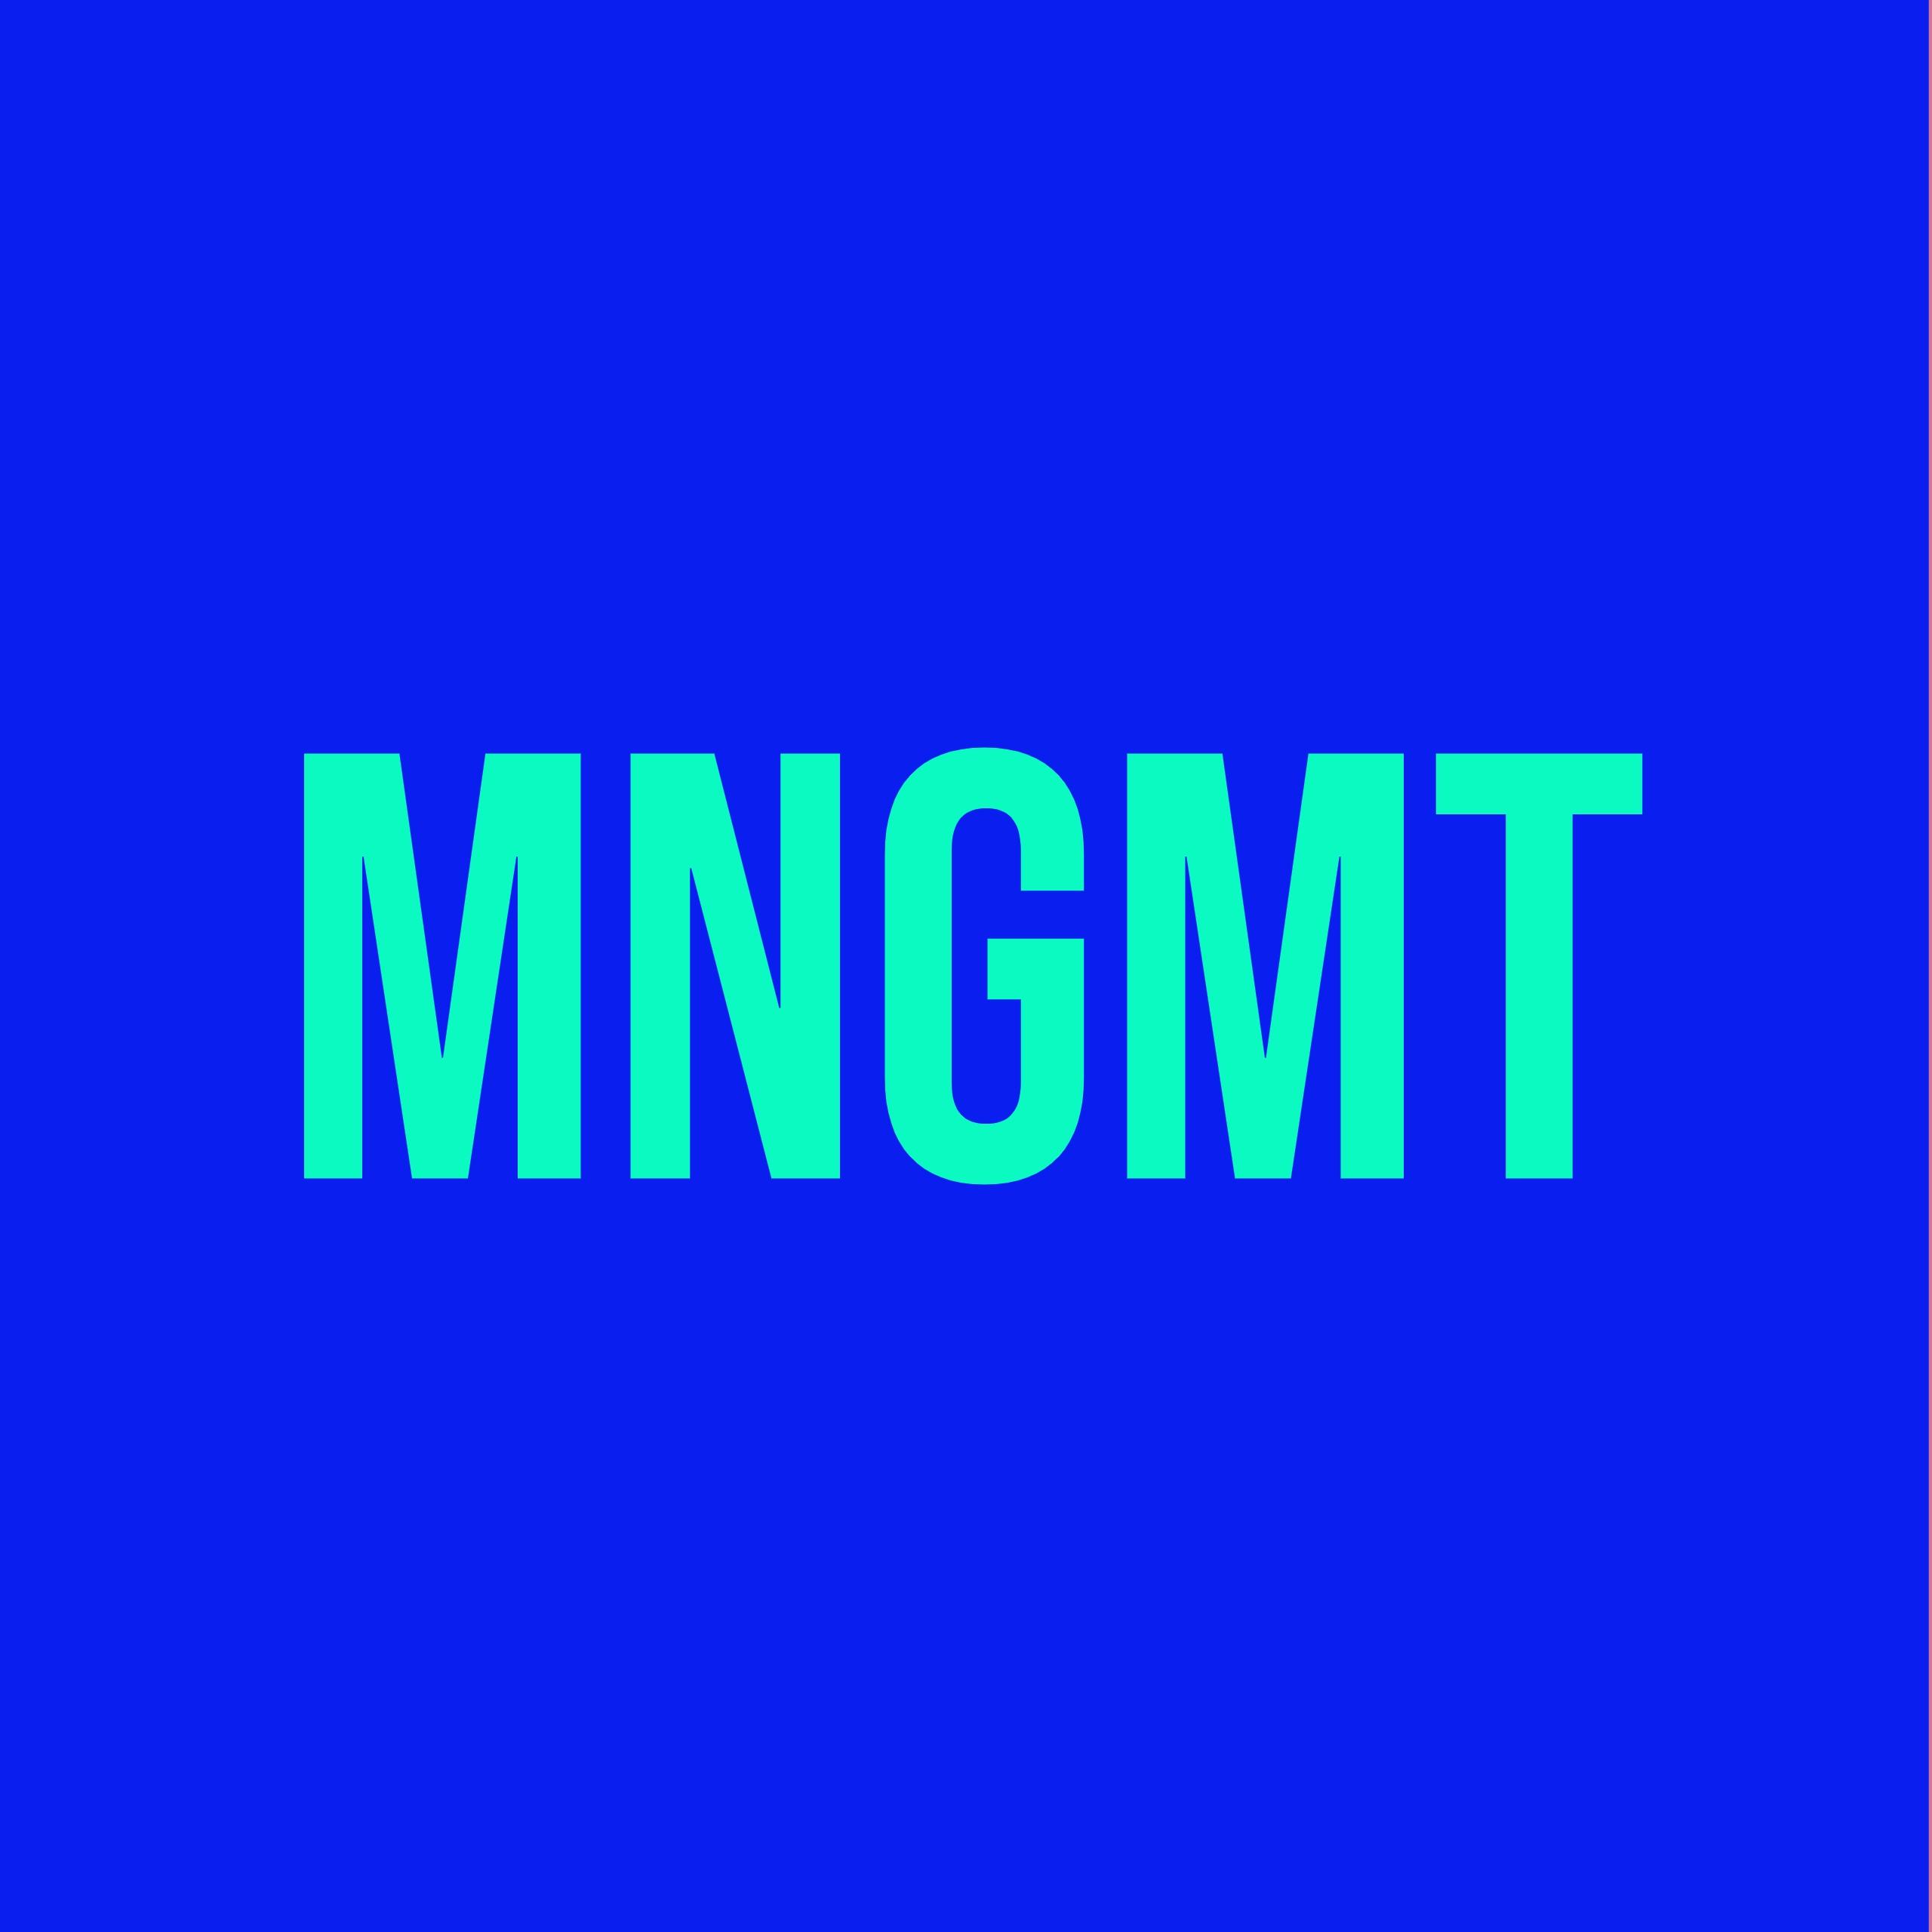 """türkiser Text """"Mngmt"""" auf blitzblauem Hintergrund"""